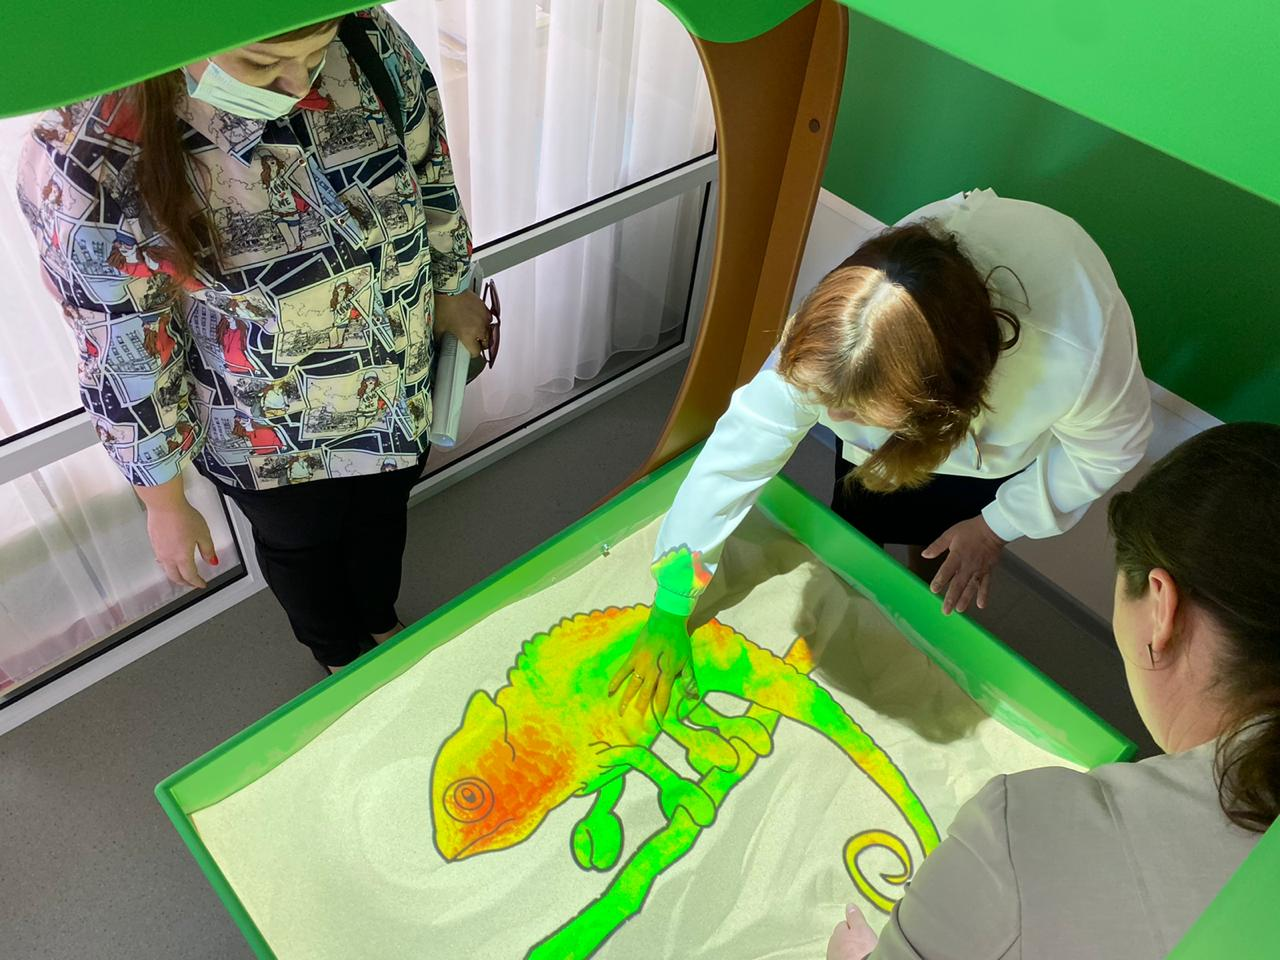 В Ярославской области появилось «Умное зеркало»: уникальное коррекционное оборудование поступило в детский сад